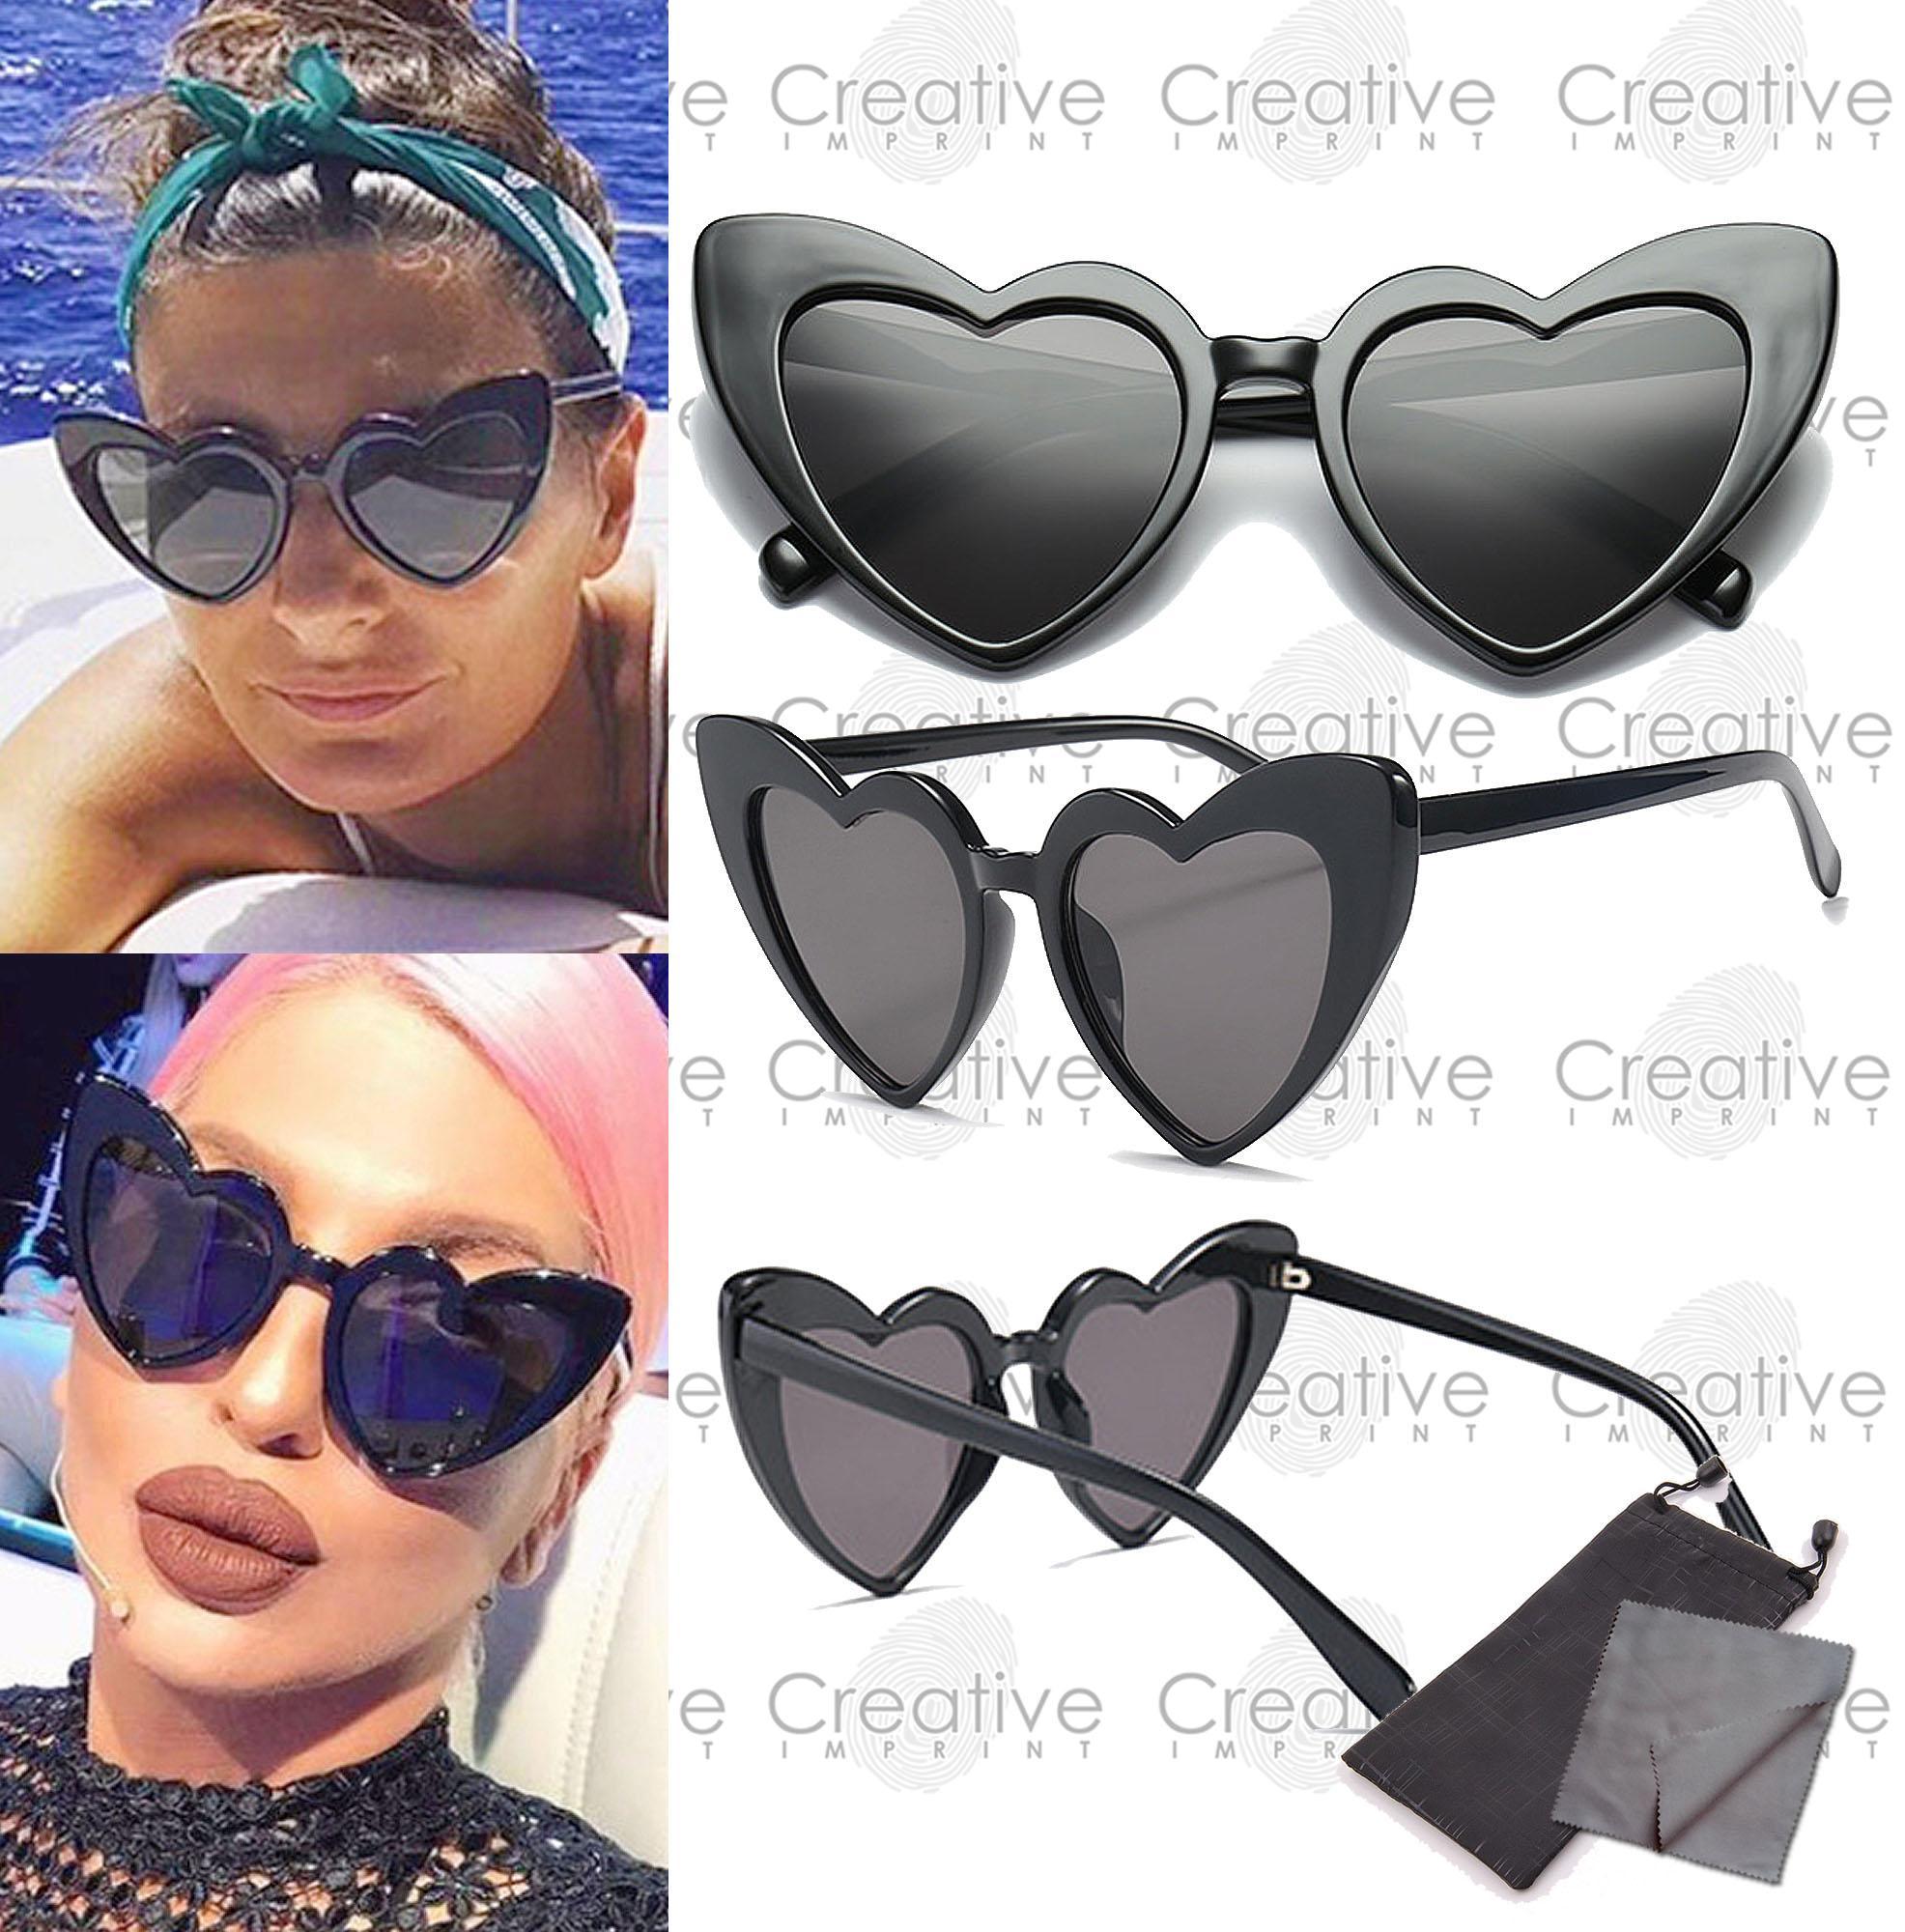 8818482d807 Creative Imprint Heart Love Retro Summer Tinted Sunnies High Fashion Trendy  Korean Sunglasses Shades FREE Case